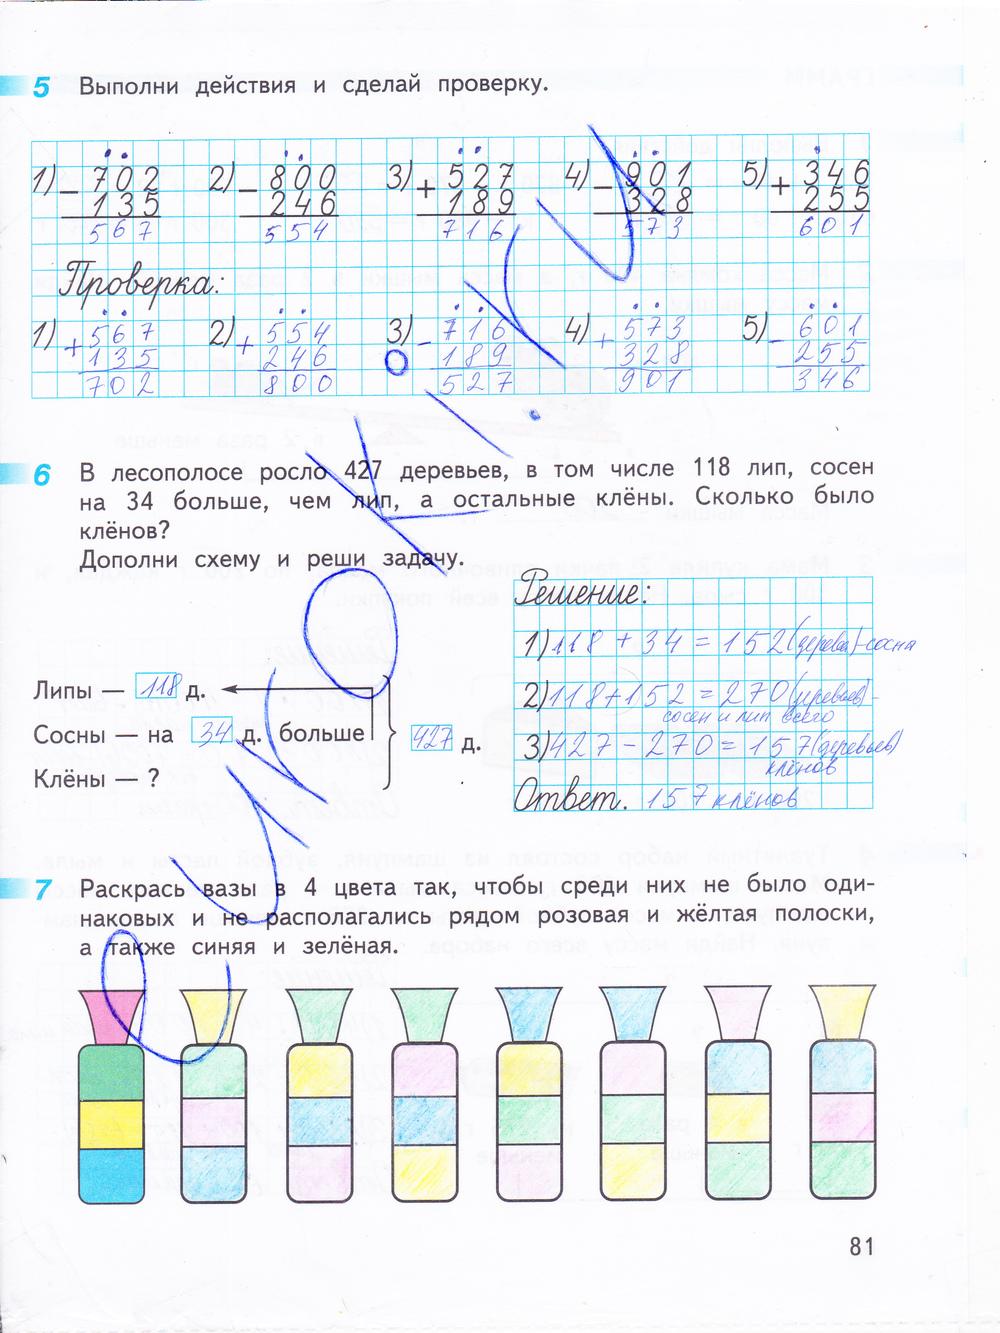 Дорофеев Рабочая Тетрадь 2 Класс Решебник 2 Часть Ответы